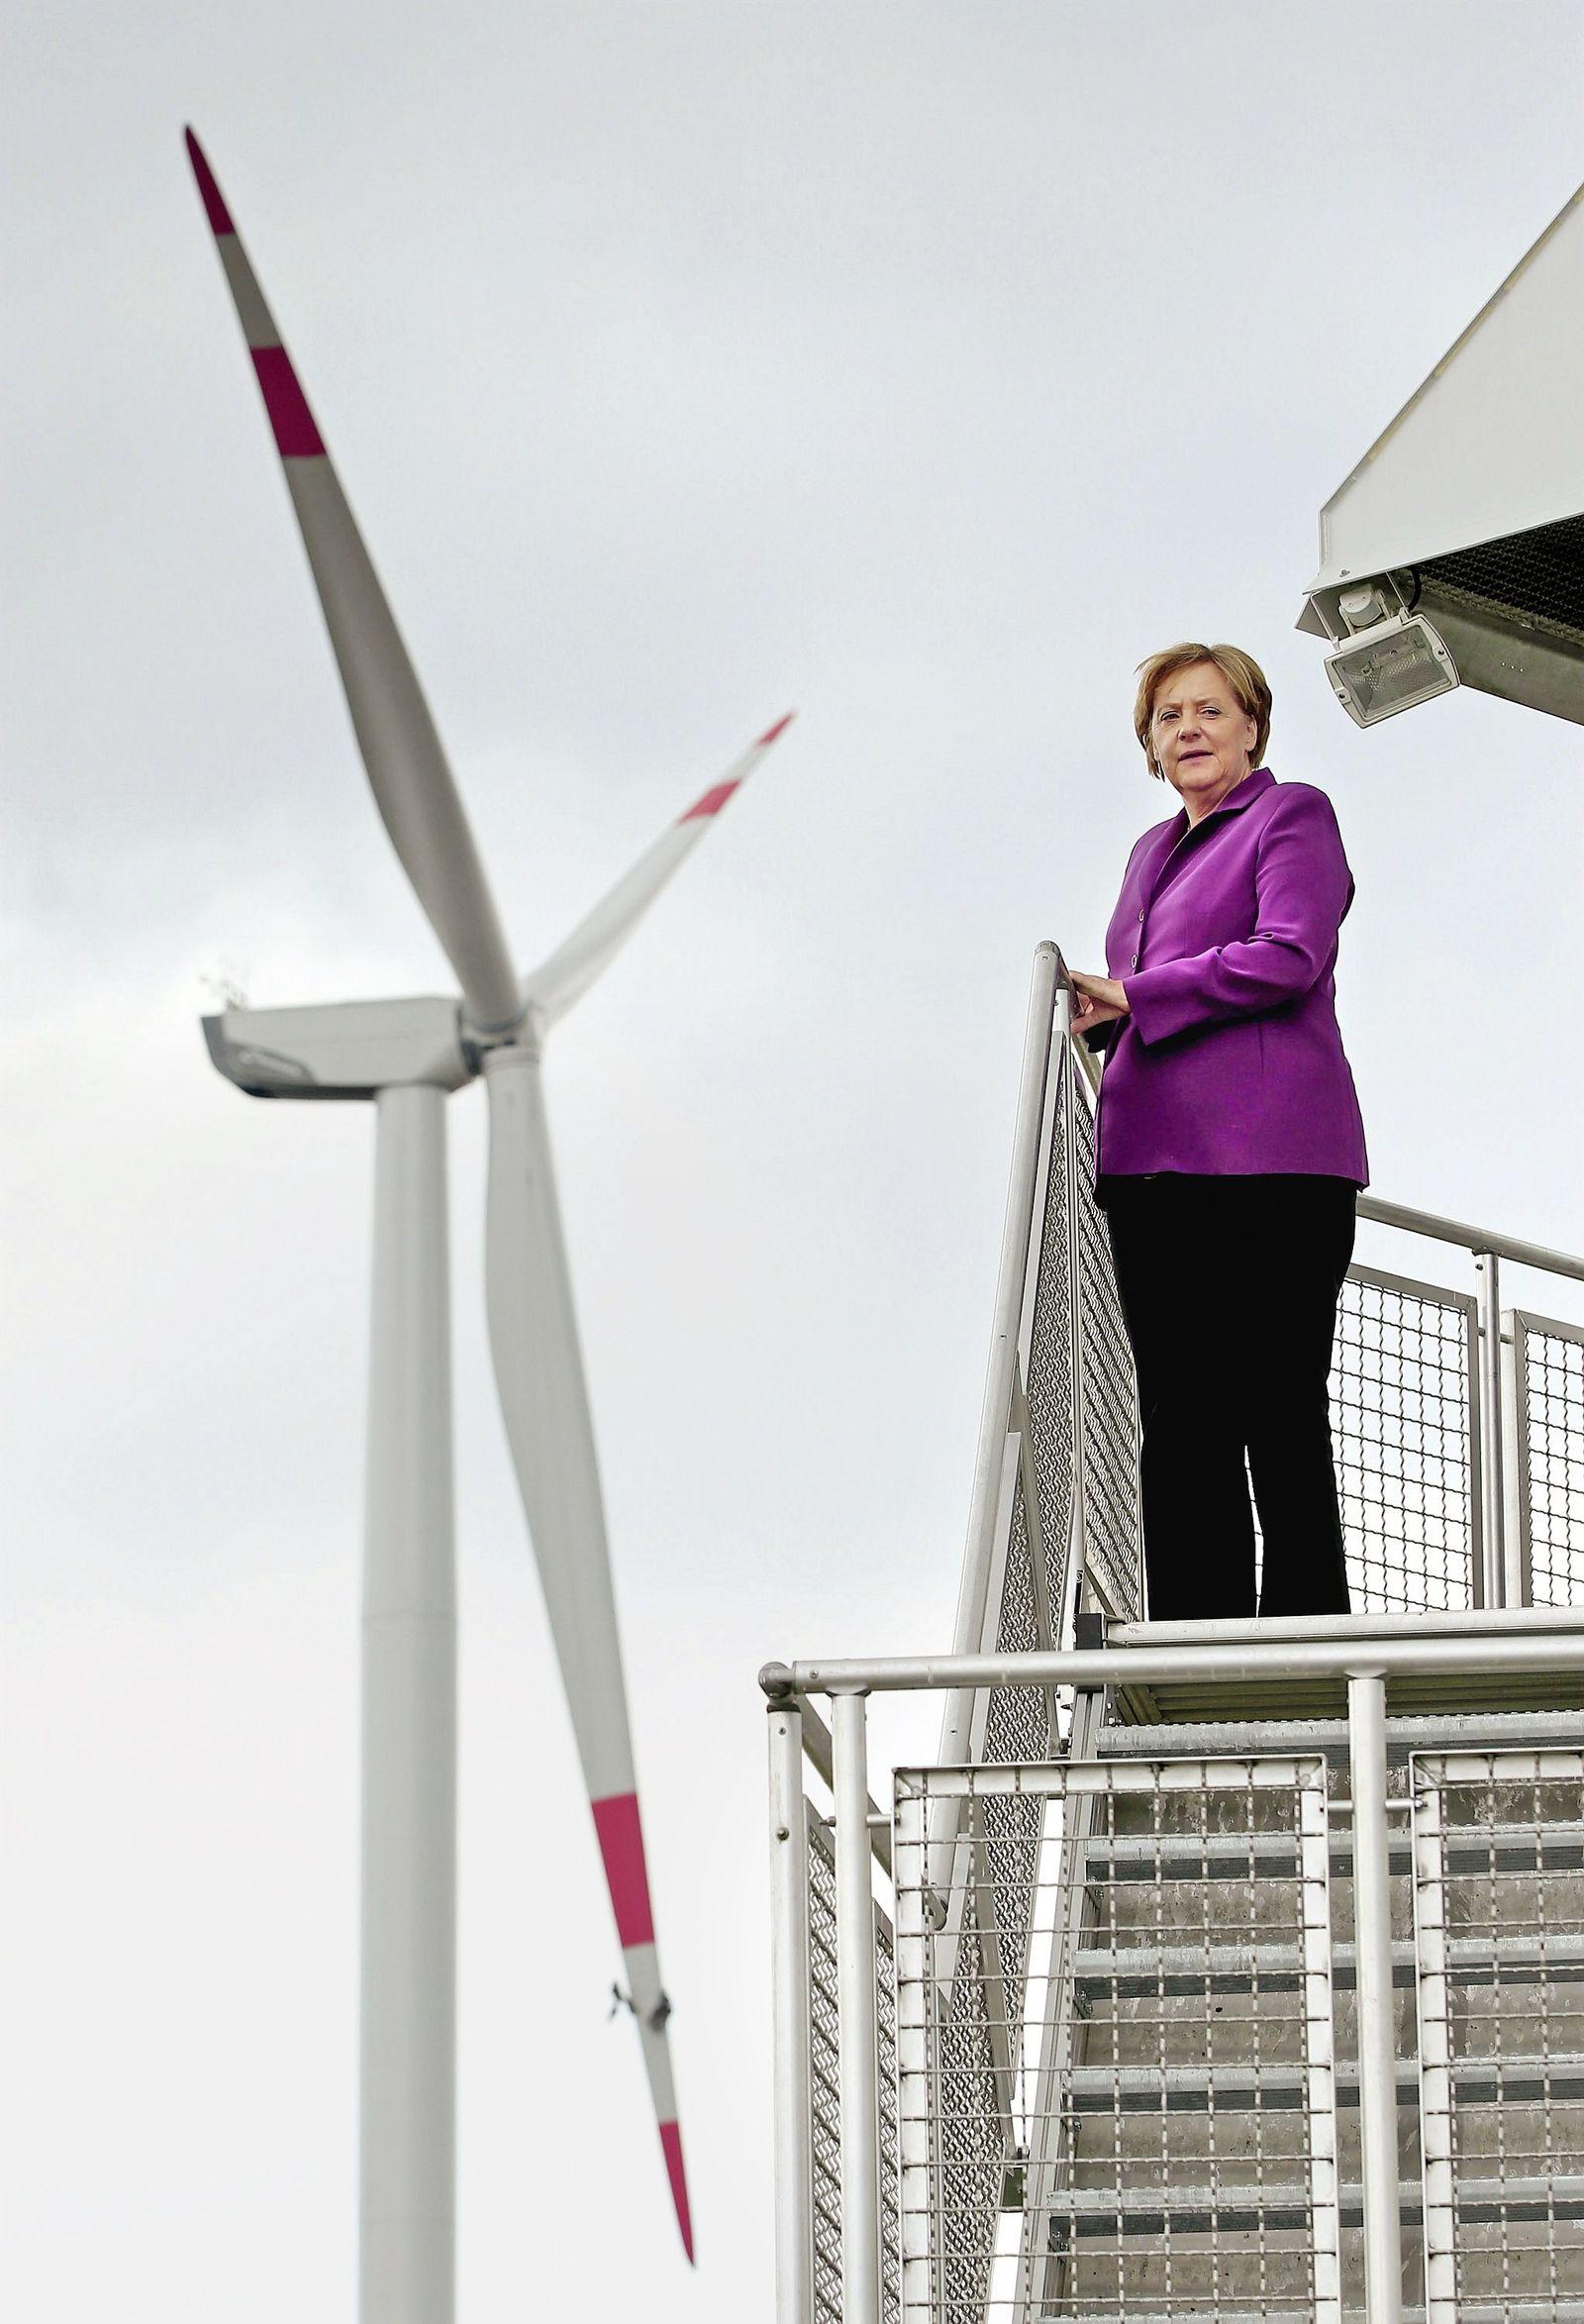 SPIN 11/2013 pp 18 / Energiewende / Merkel / Windkraft